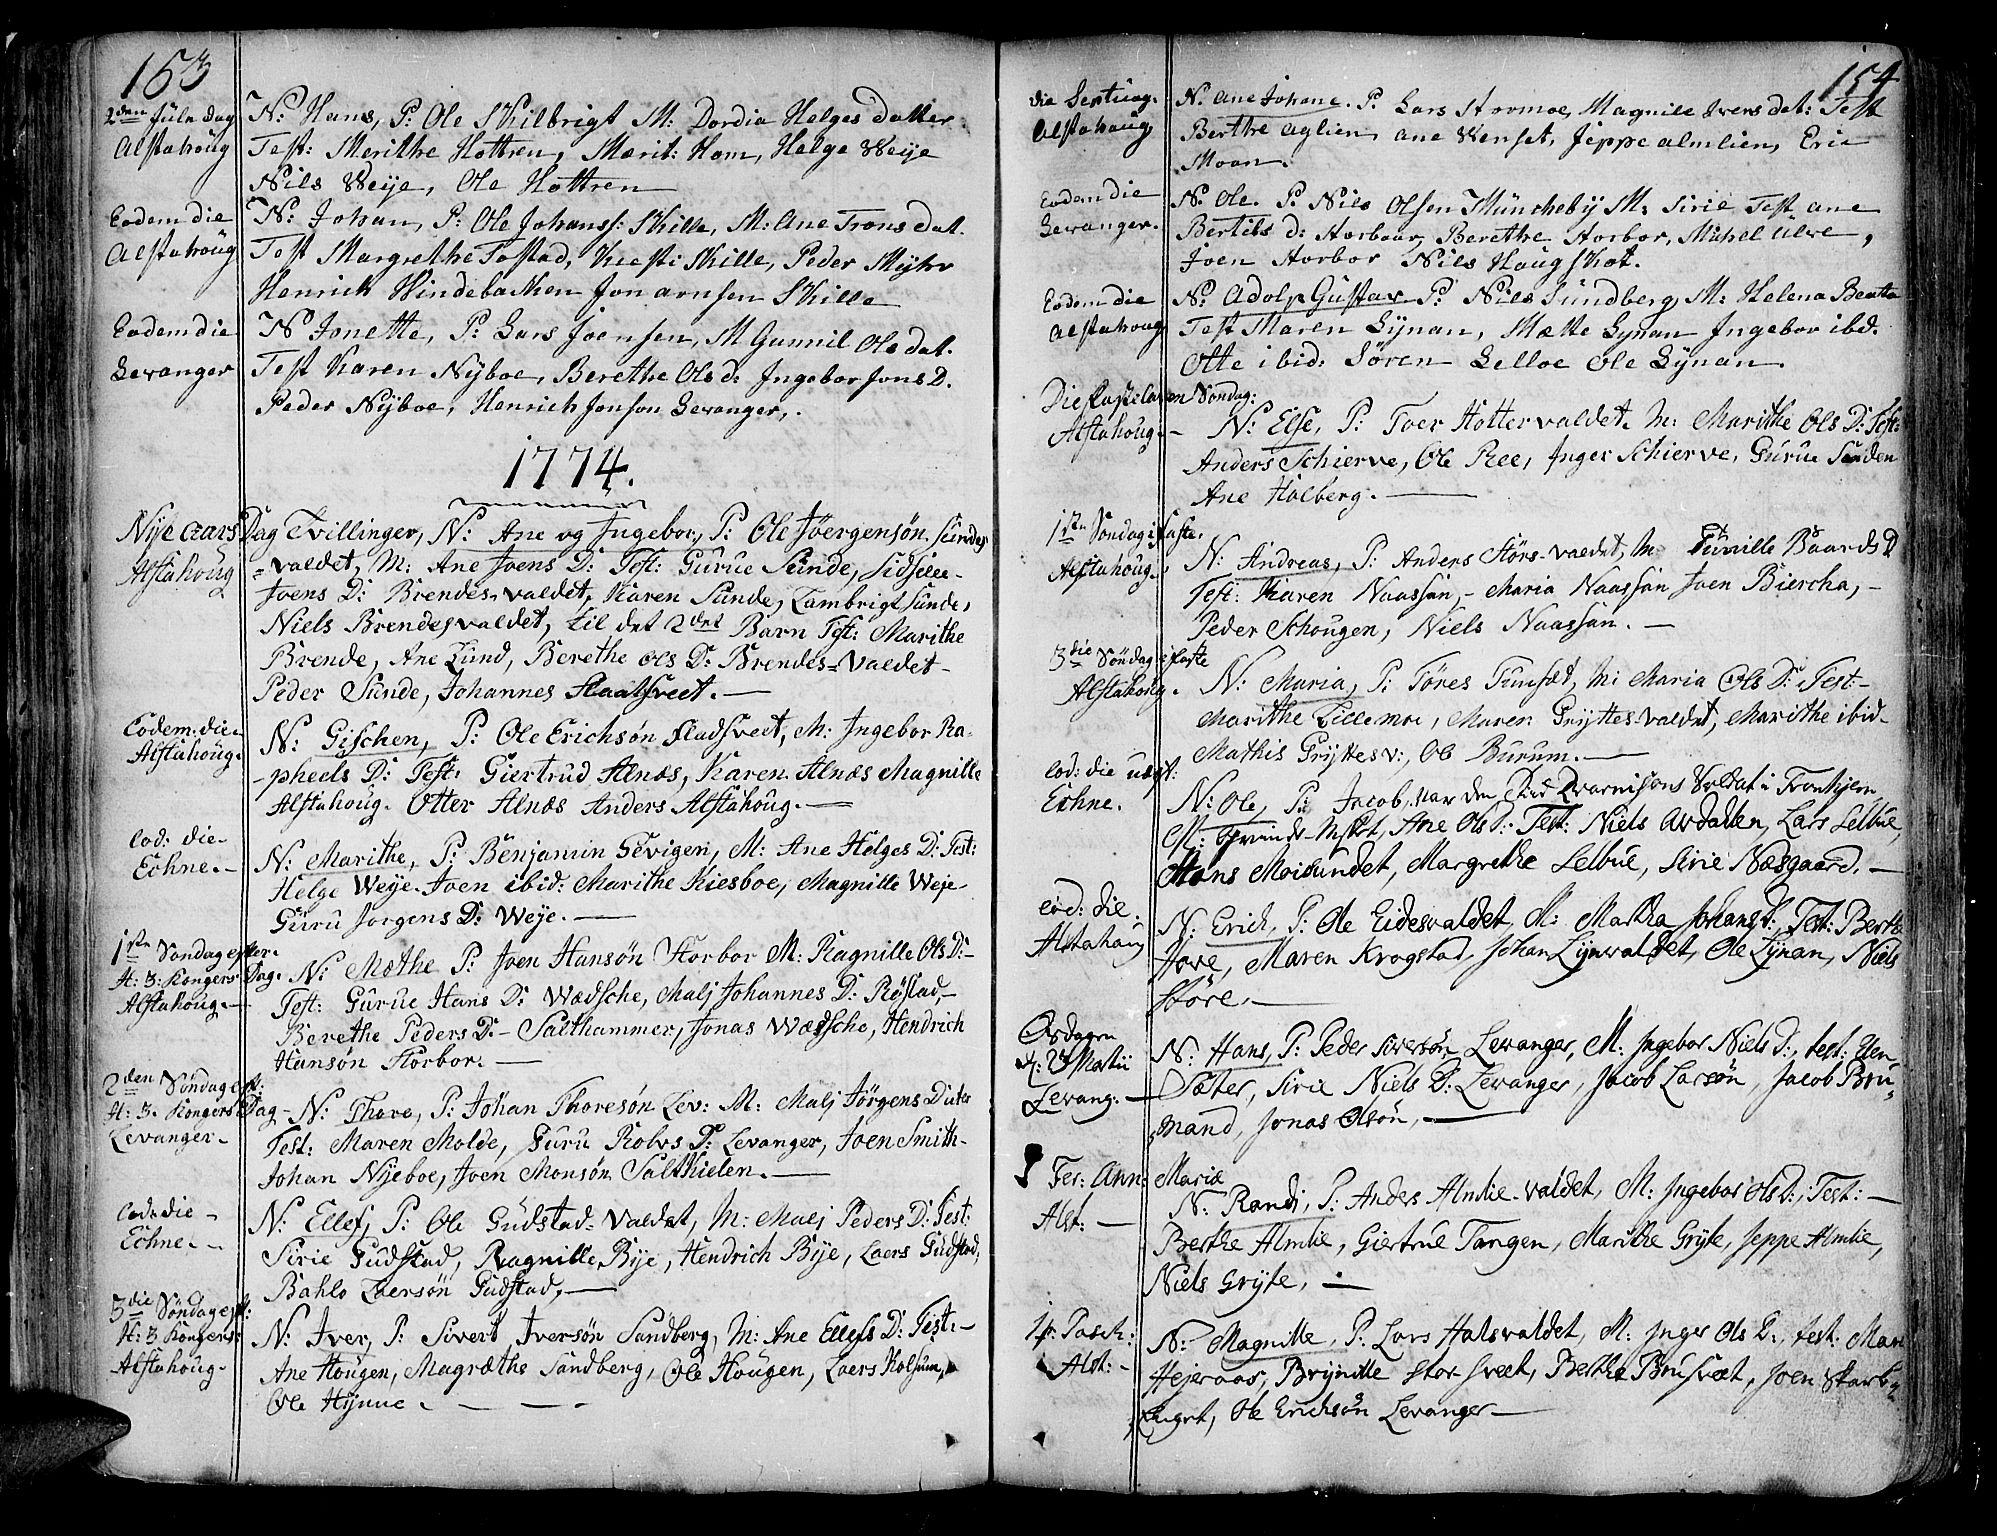 SAT, Ministerialprotokoller, klokkerbøker og fødselsregistre - Nord-Trøndelag, 717/L0141: Ministerialbok nr. 717A01, 1747-1803, s. 153-154